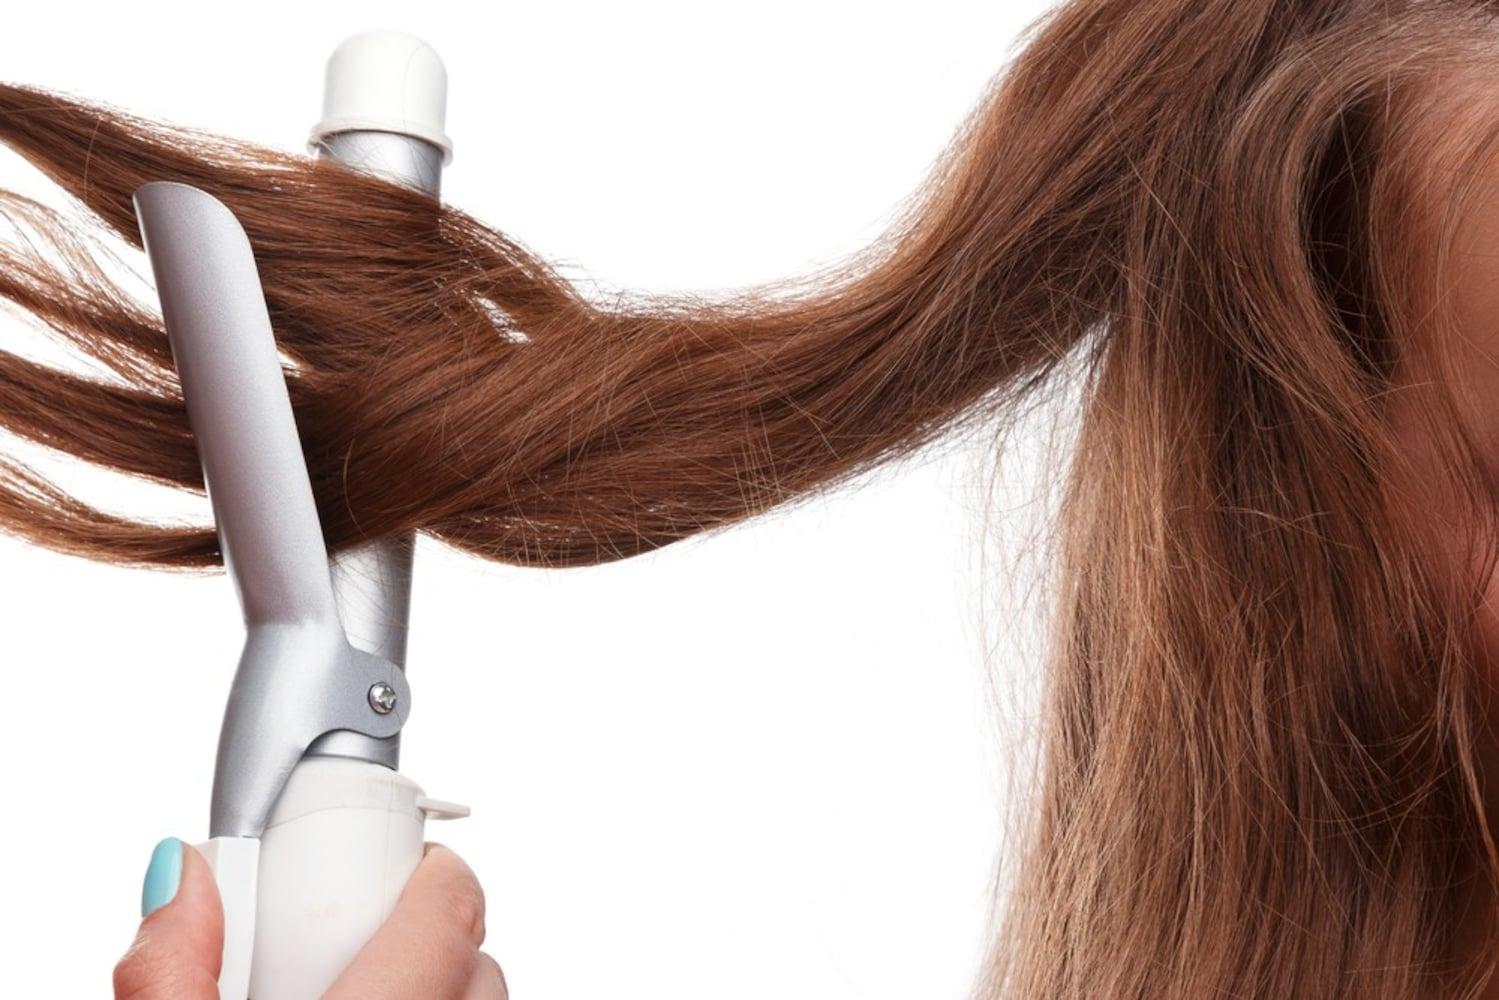 目指したいヘアスタイルによって変える!華やかな印象にはコテタイプ